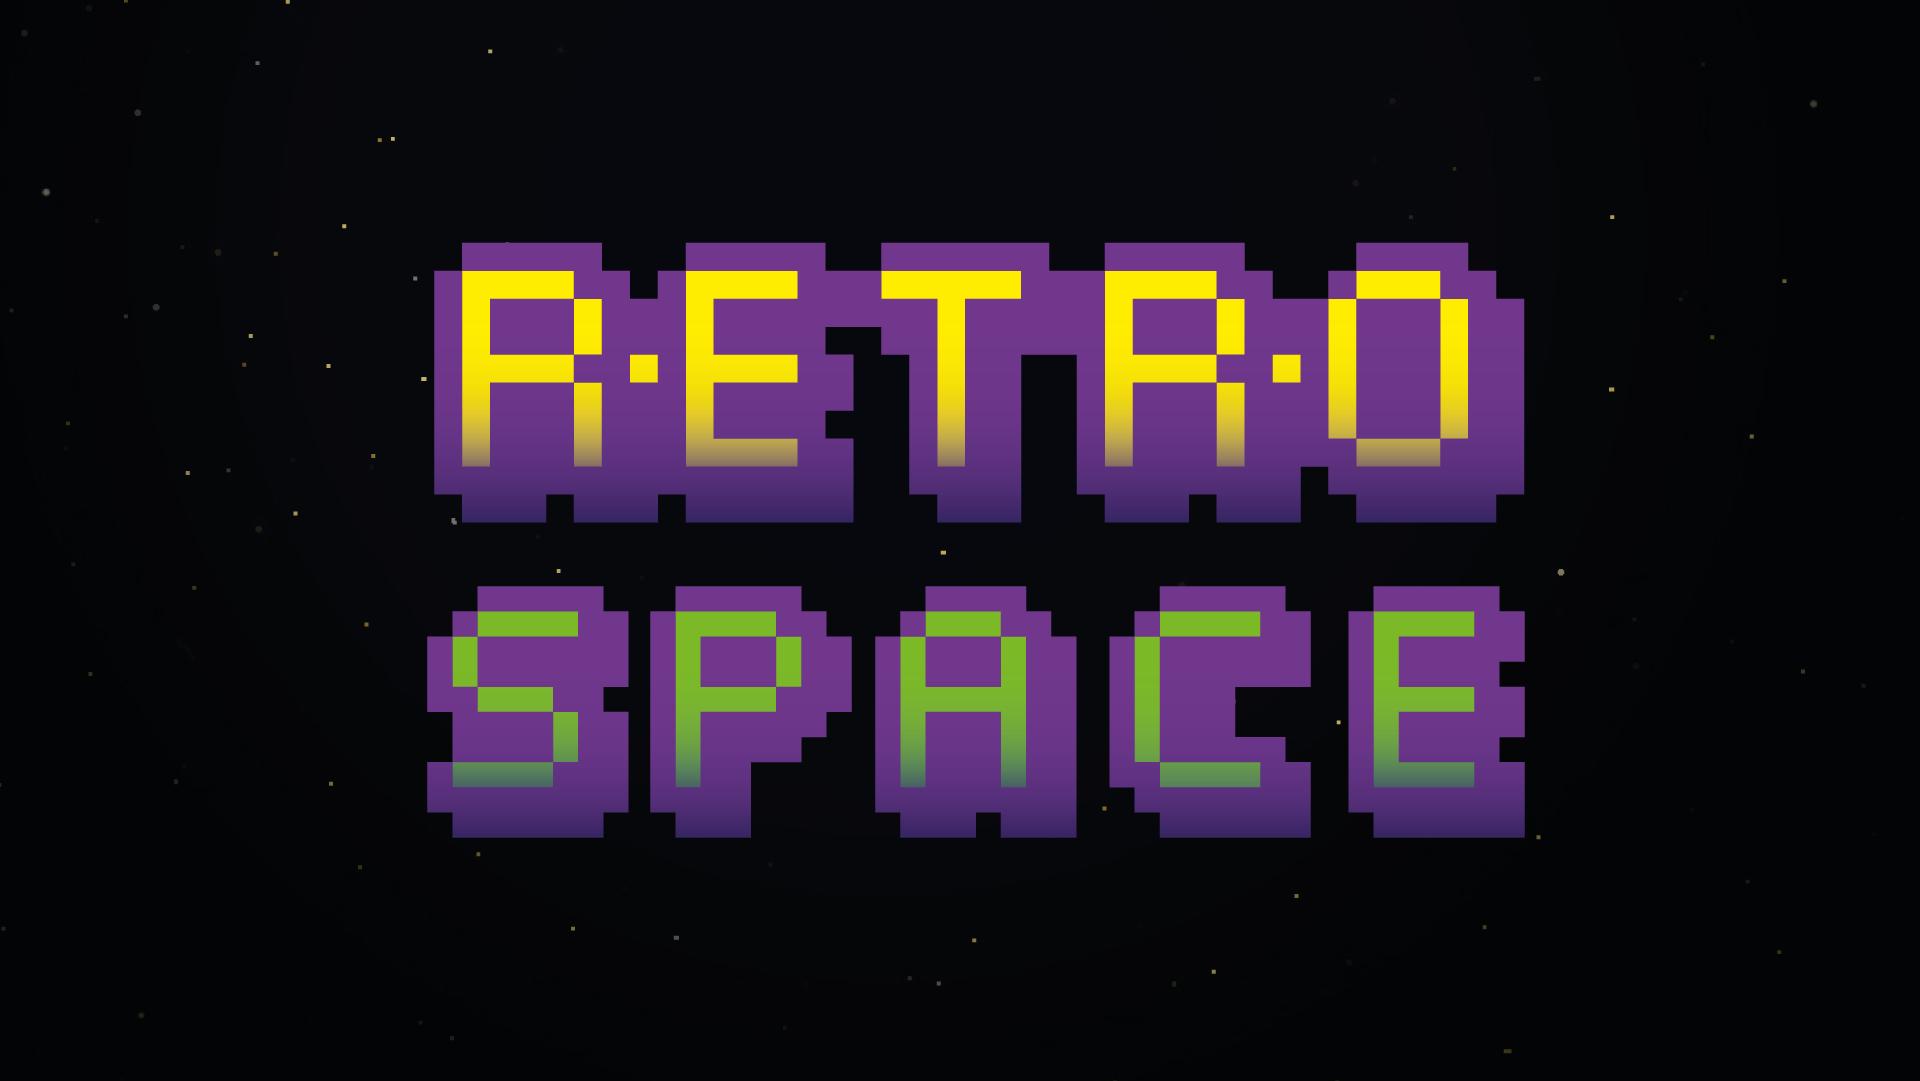 RETRO SPACE IMPACT